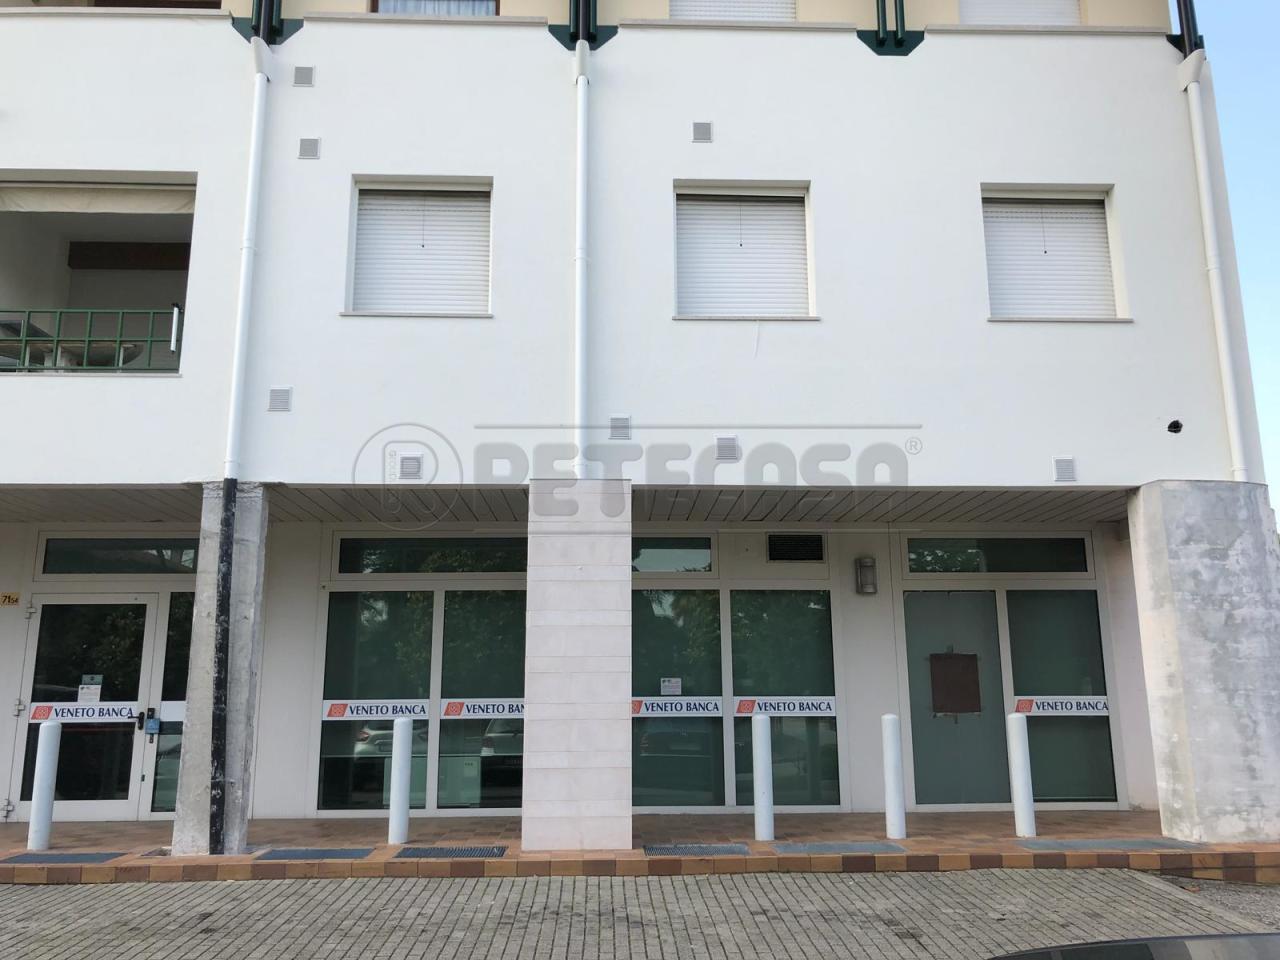 Negozio / Locale in vendita a Manzano, 11 locali, prezzo € 259.000 | CambioCasa.it